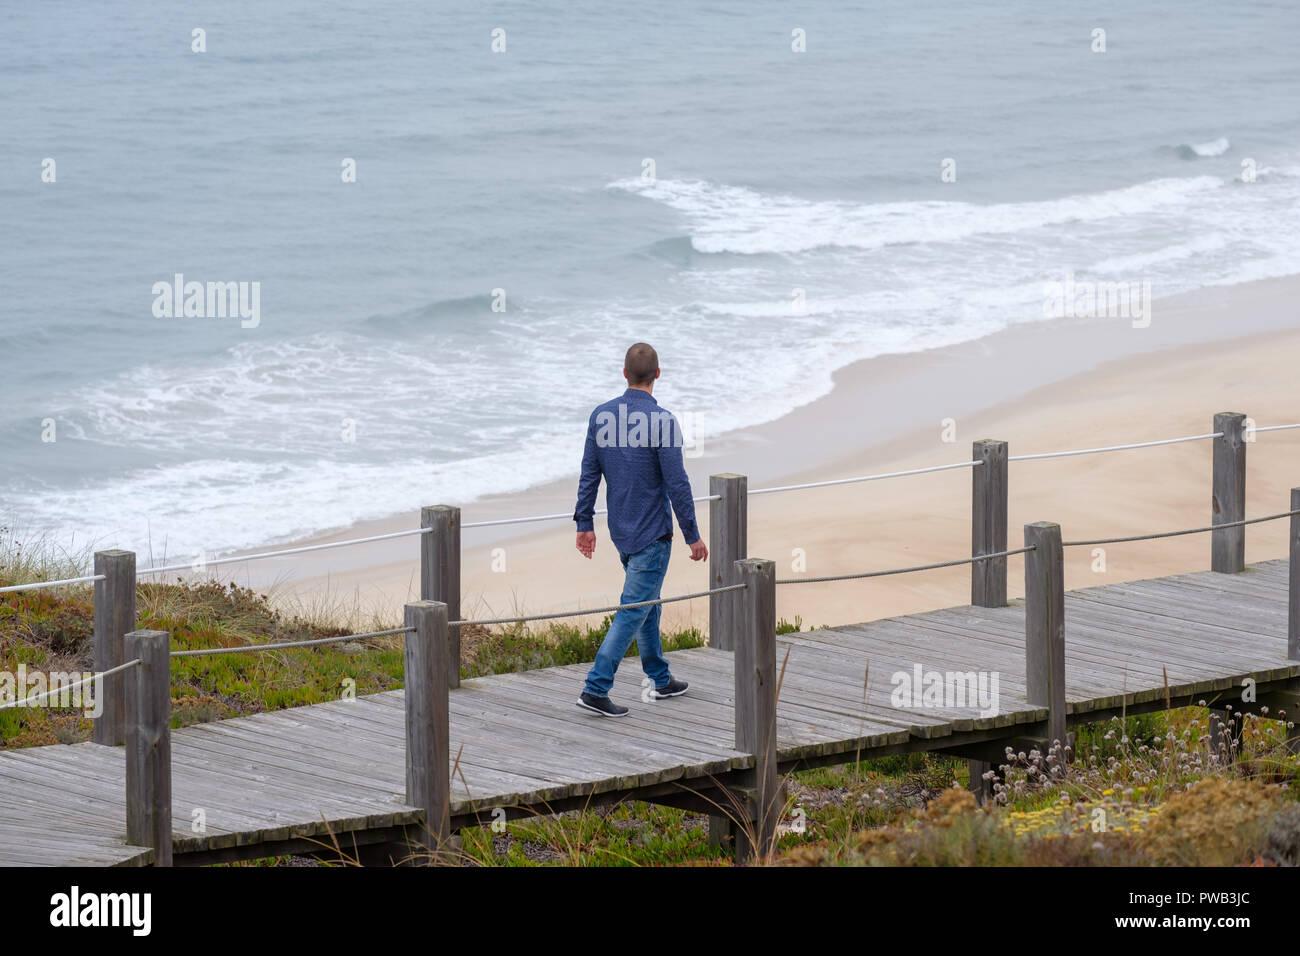 Mann zu Fuß auf eine Promenade am Strand bei kaltem Wetter Stockbild